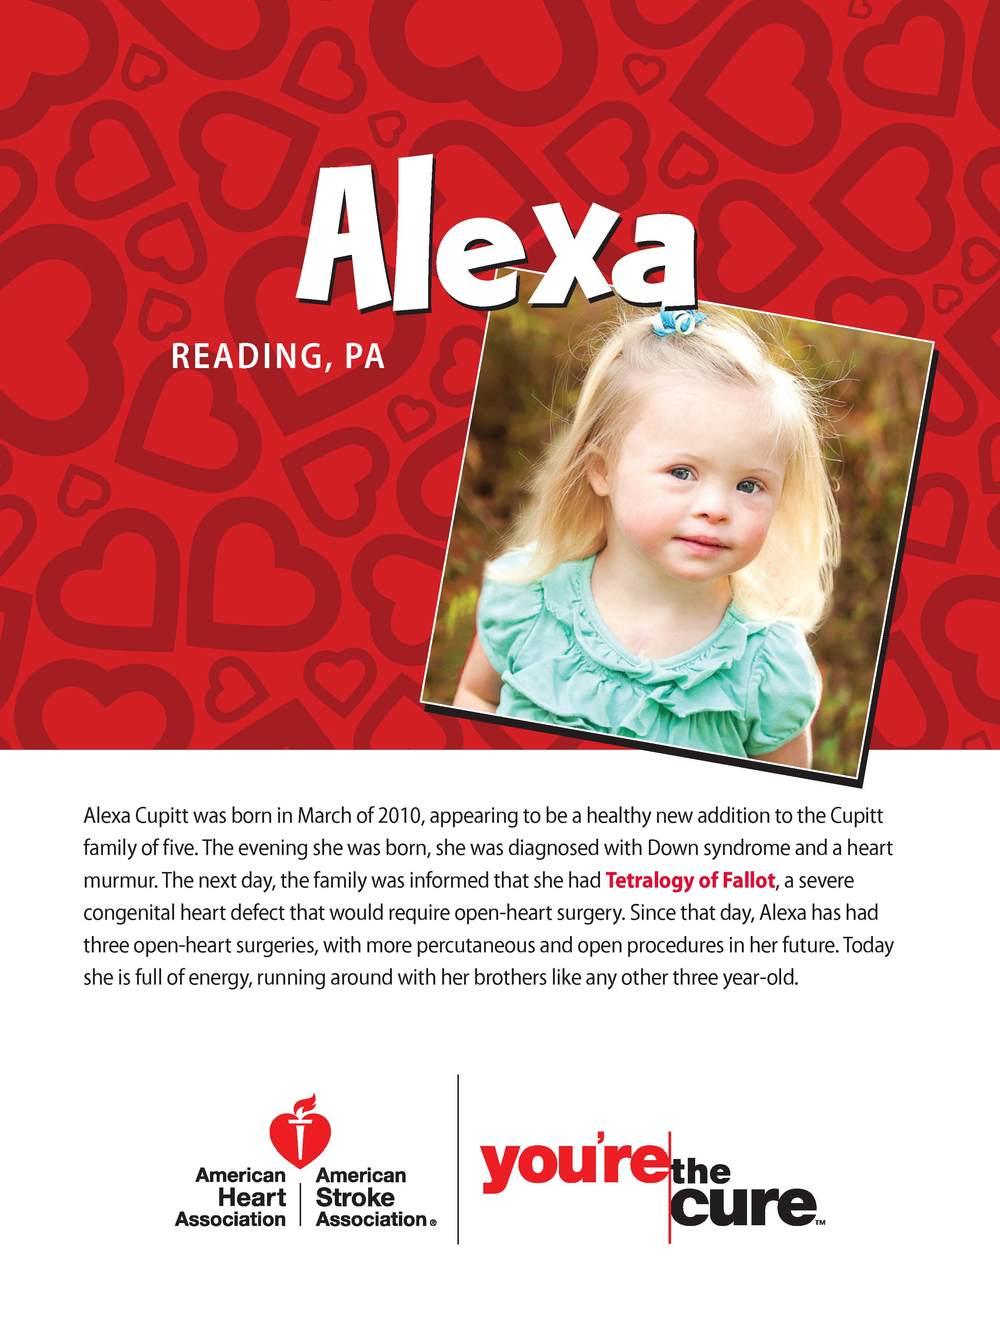 Alexa Cupitt Poster.jpg